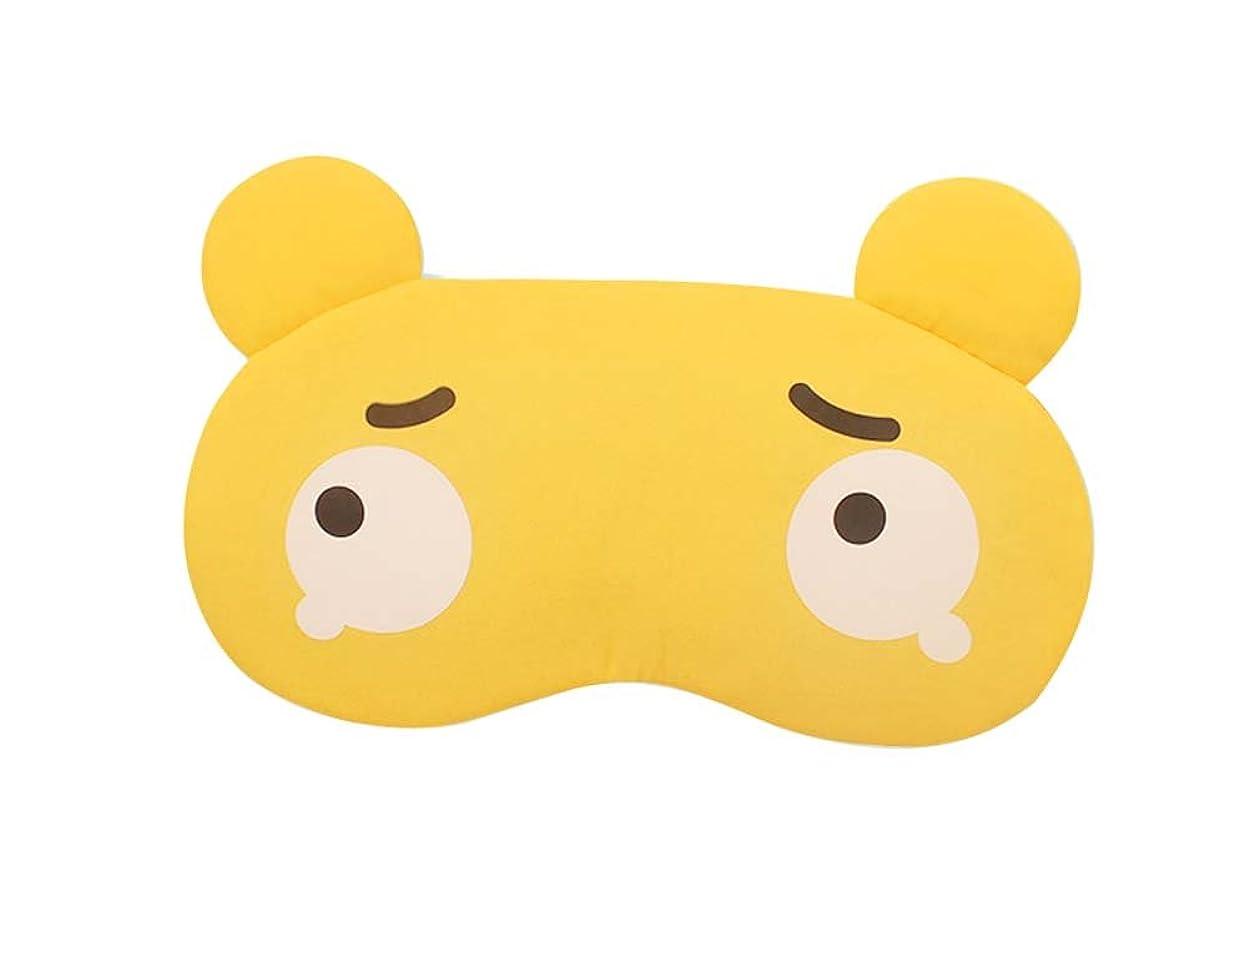 セージコードレスリップ黄色の泣きかわいい睡眠アイマスク快適なアイカバー通気性のあるアイシェード